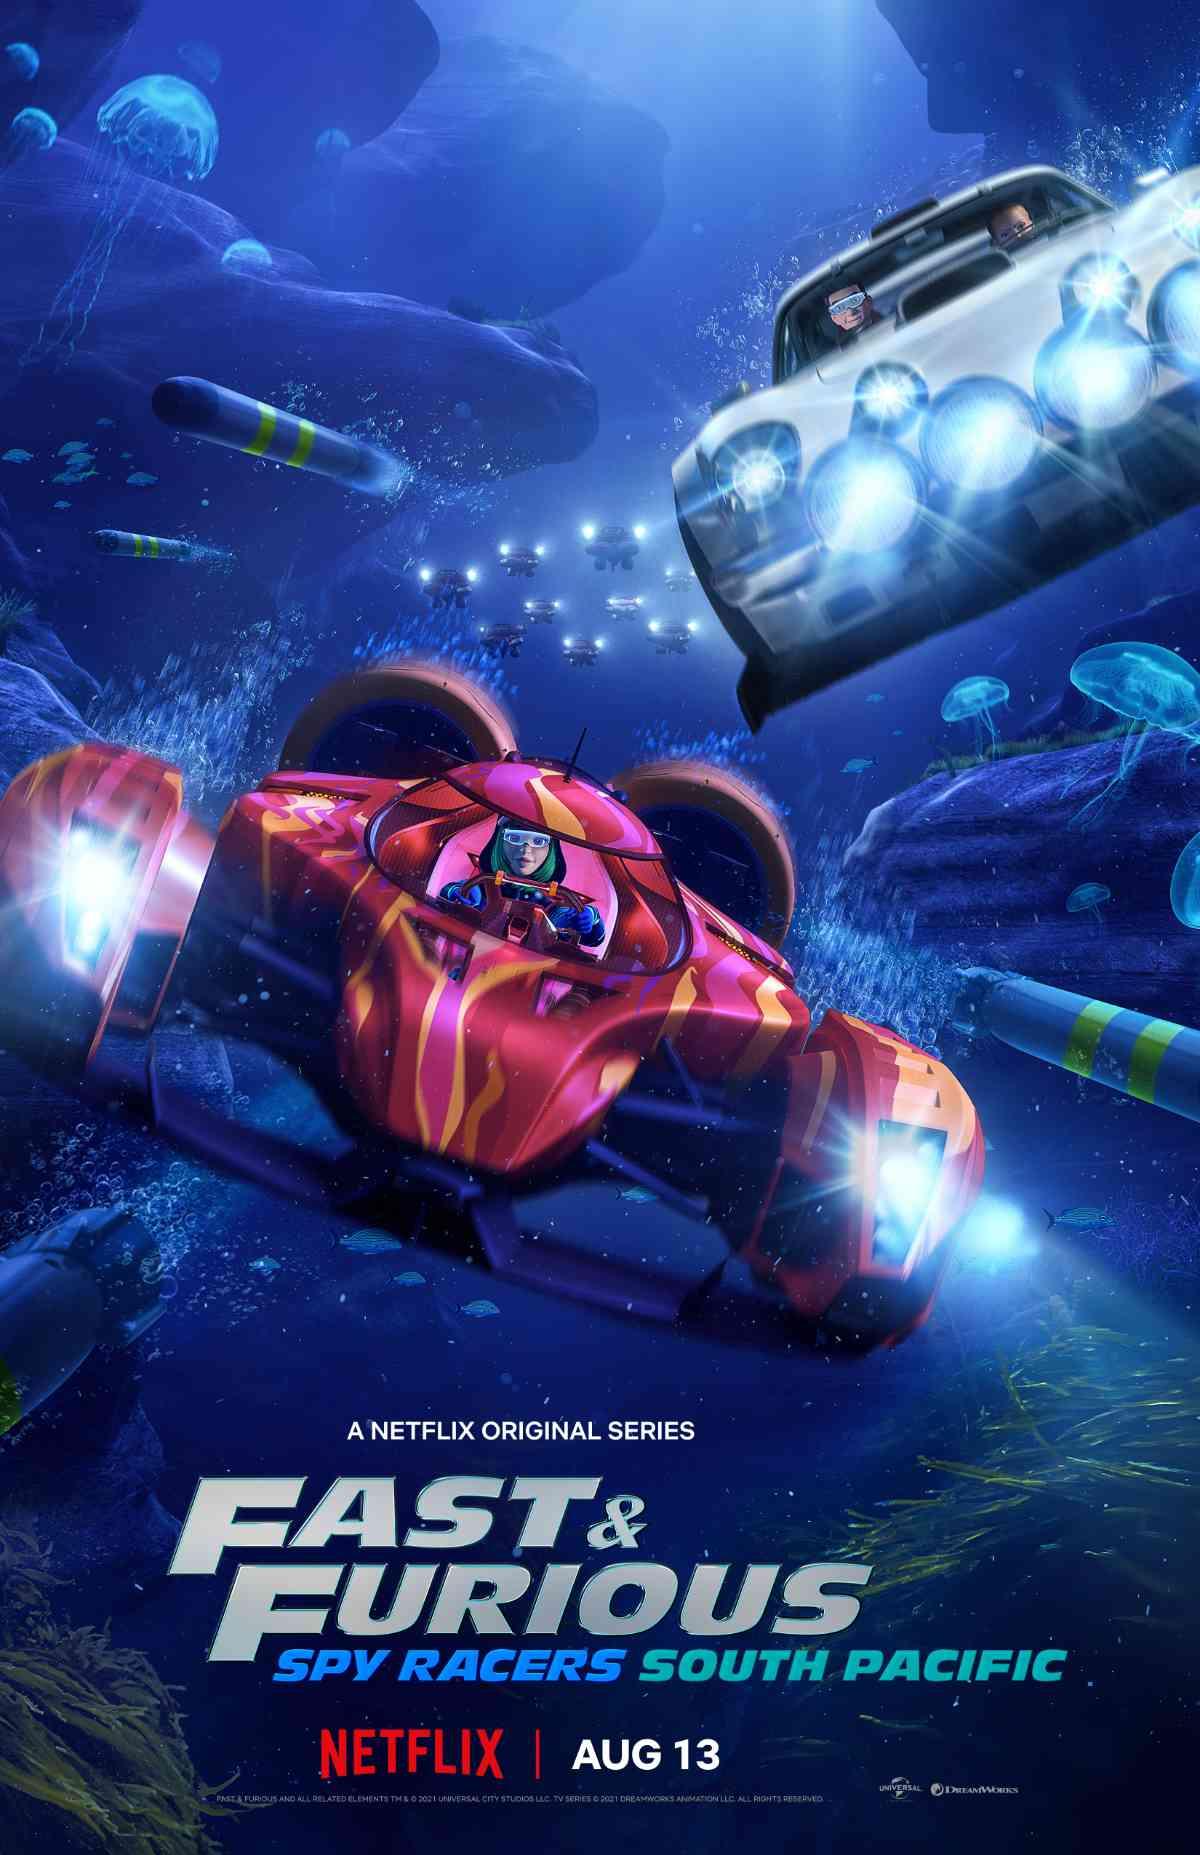 Quá Nhanh Quá Nguy Hiểm: Điệp Viên Tốc Độ 5: Nam Thái Bình Dương Fast & Furious: Spy Racers - South Pacific.Diễn Viên: Tensei Shite Shison,Tachi No Gakkou E